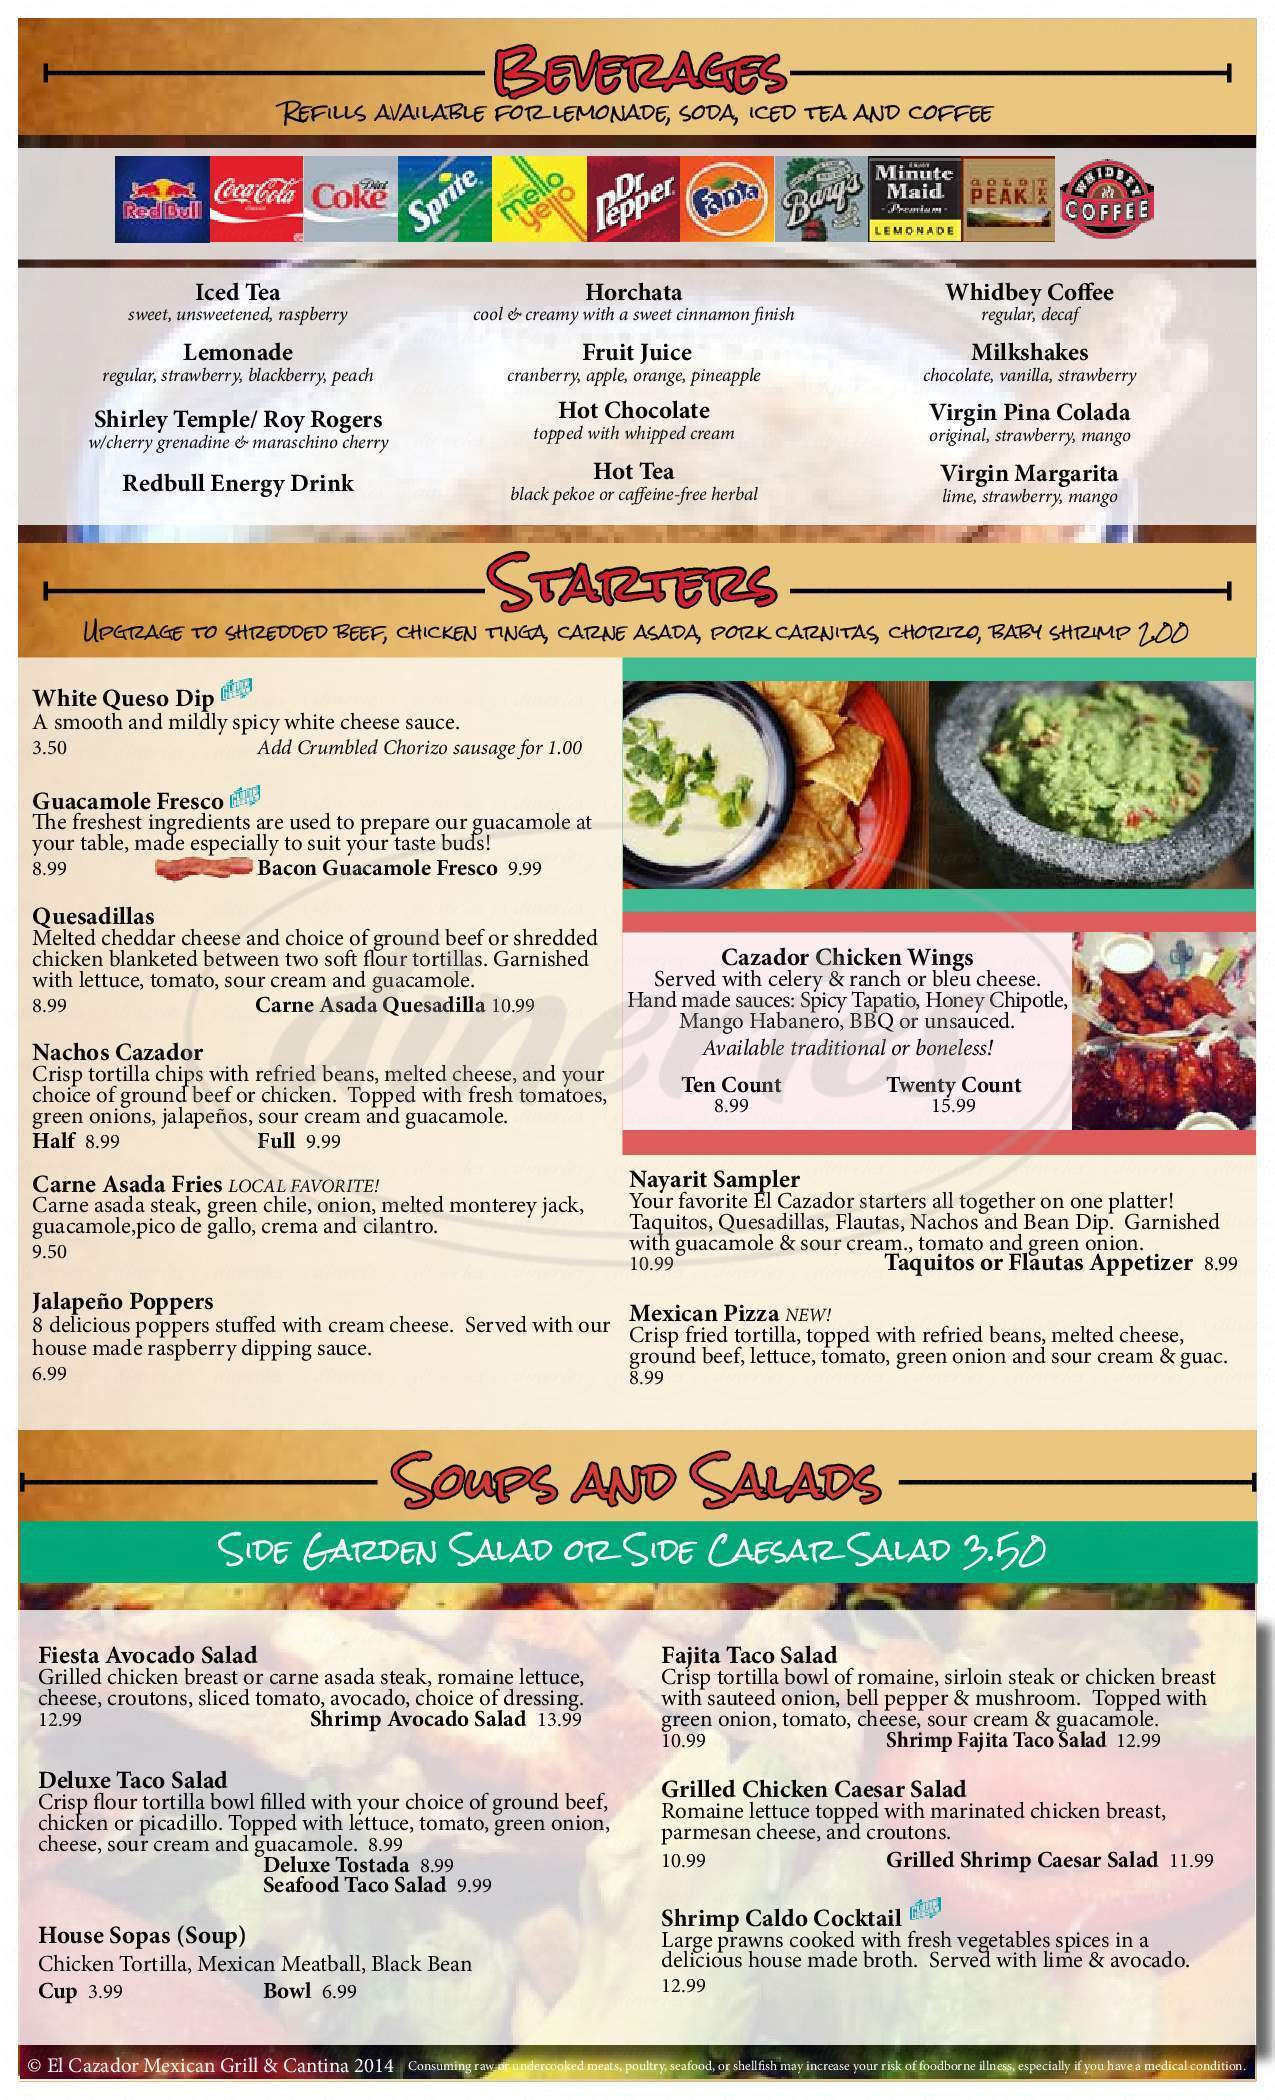 menu for El Cazador Mexican Grill and Cantina